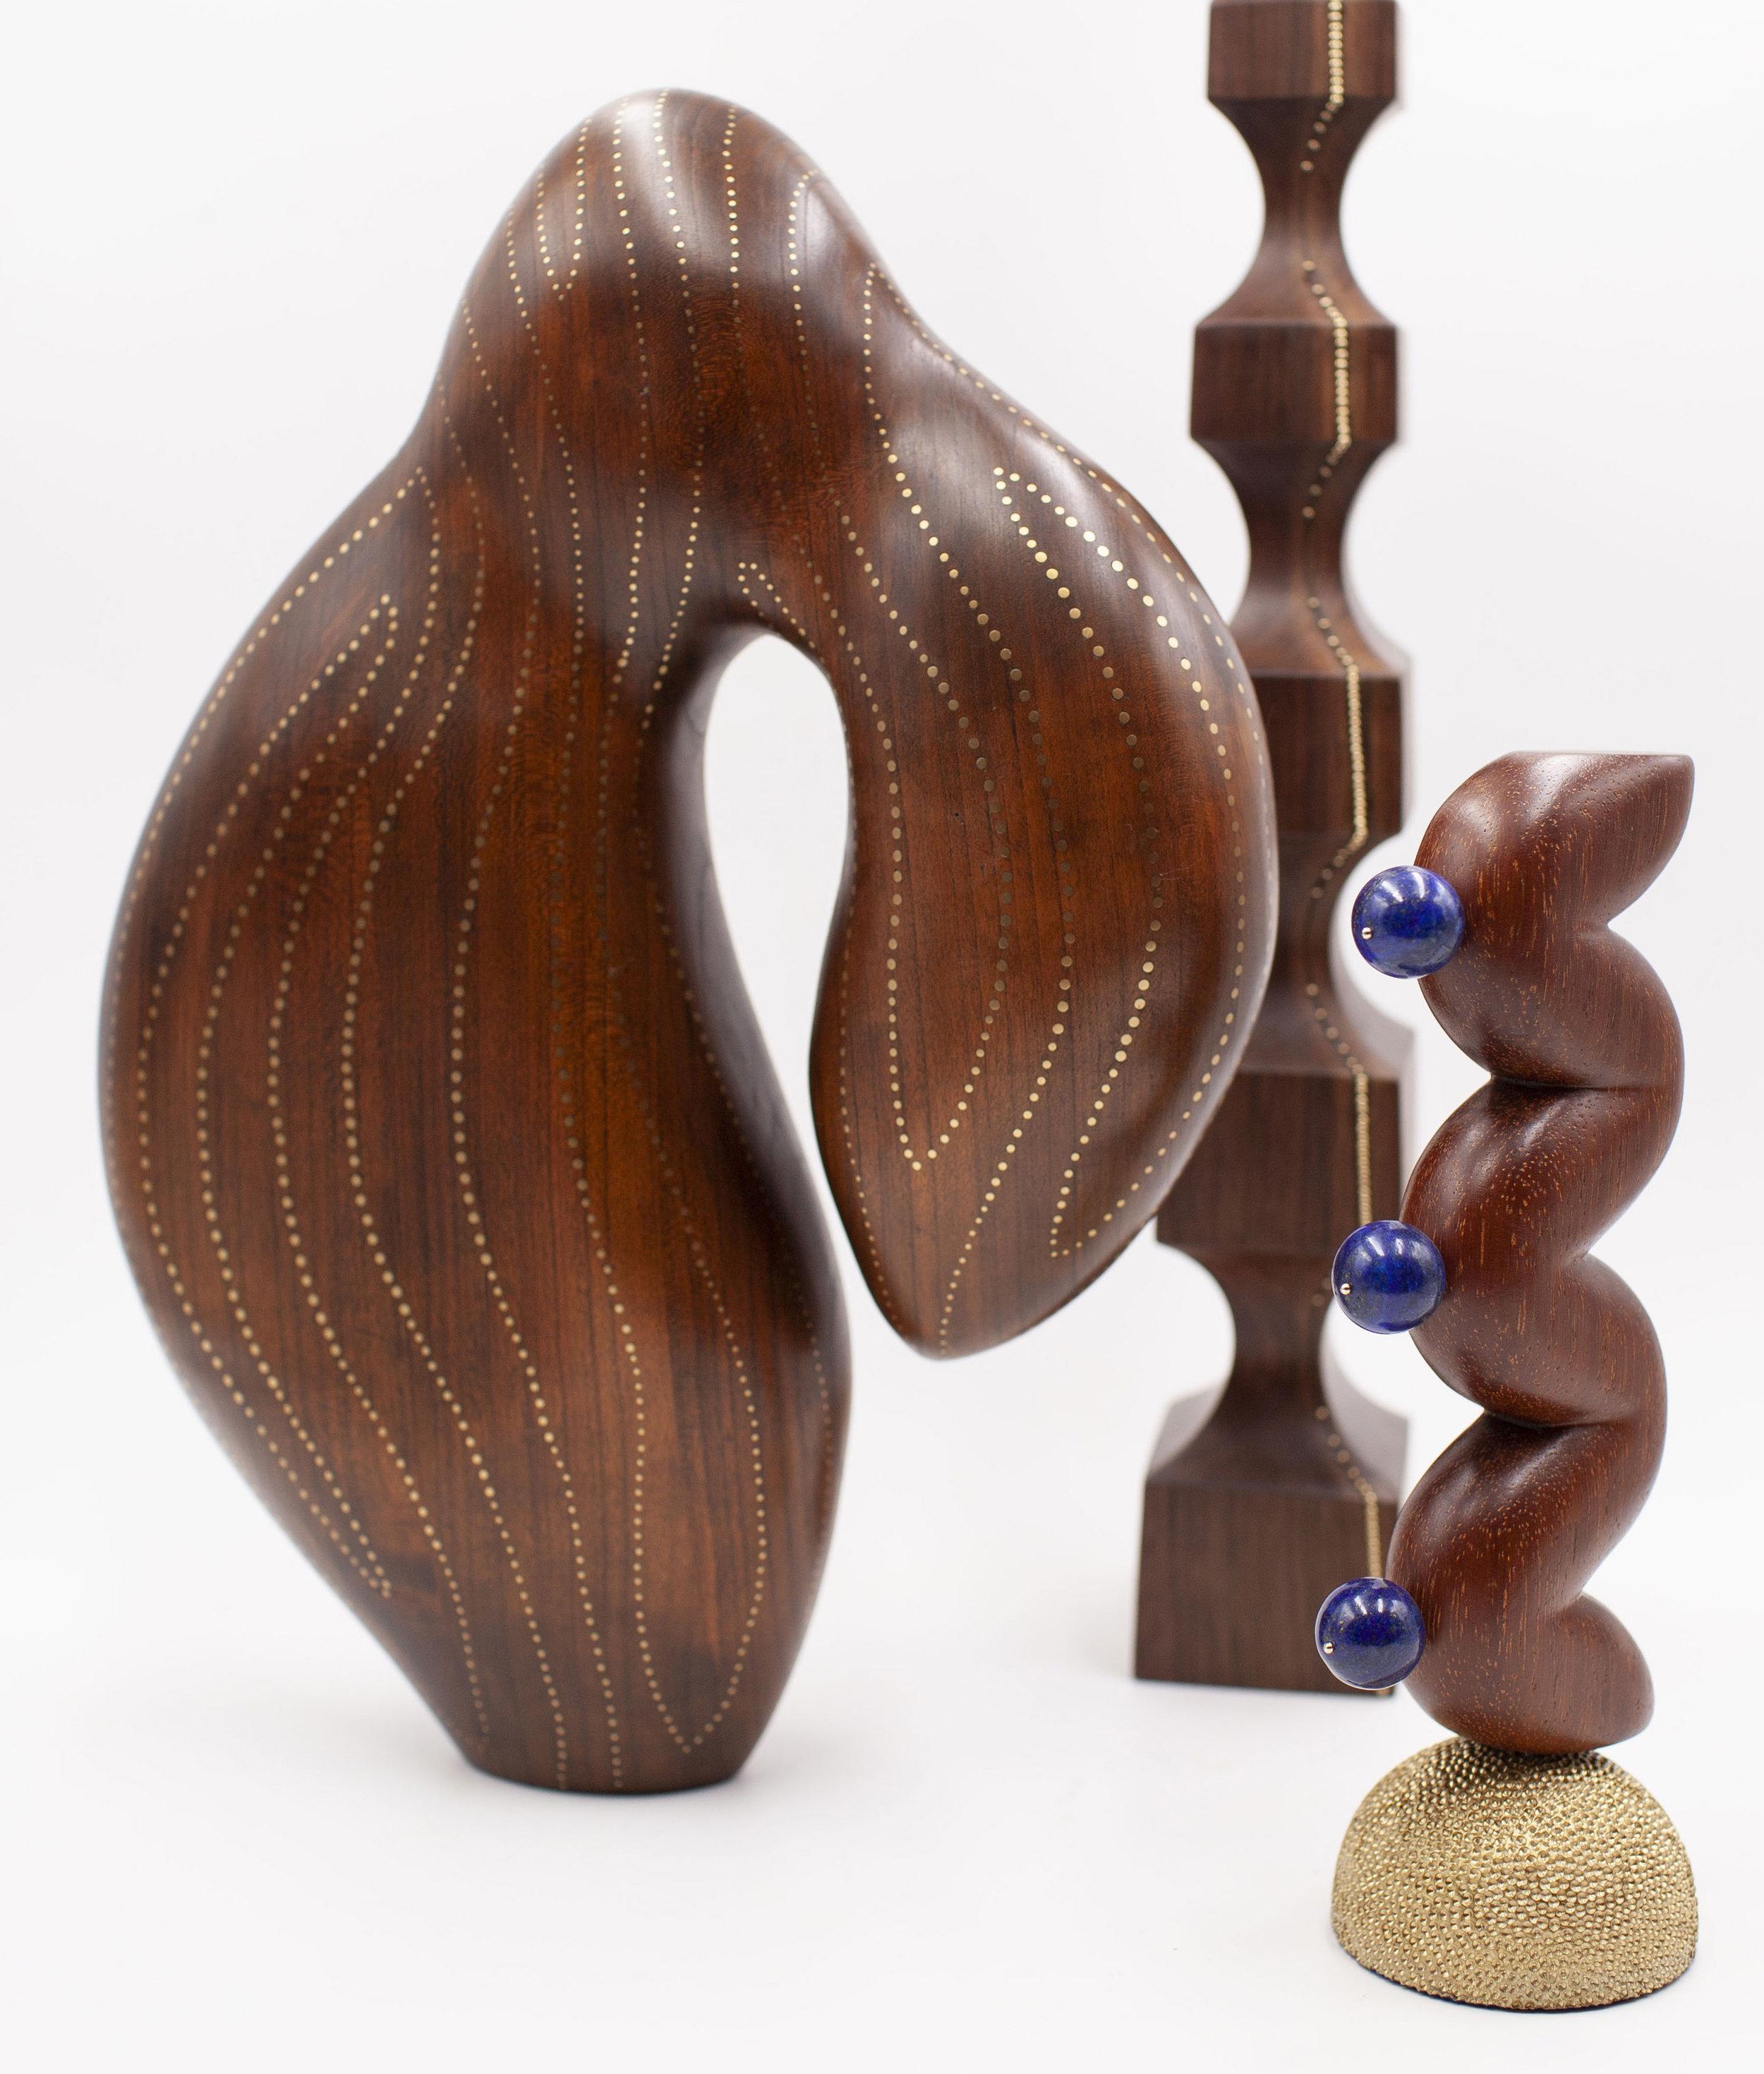 Sculpture bois maison et objet.jpg